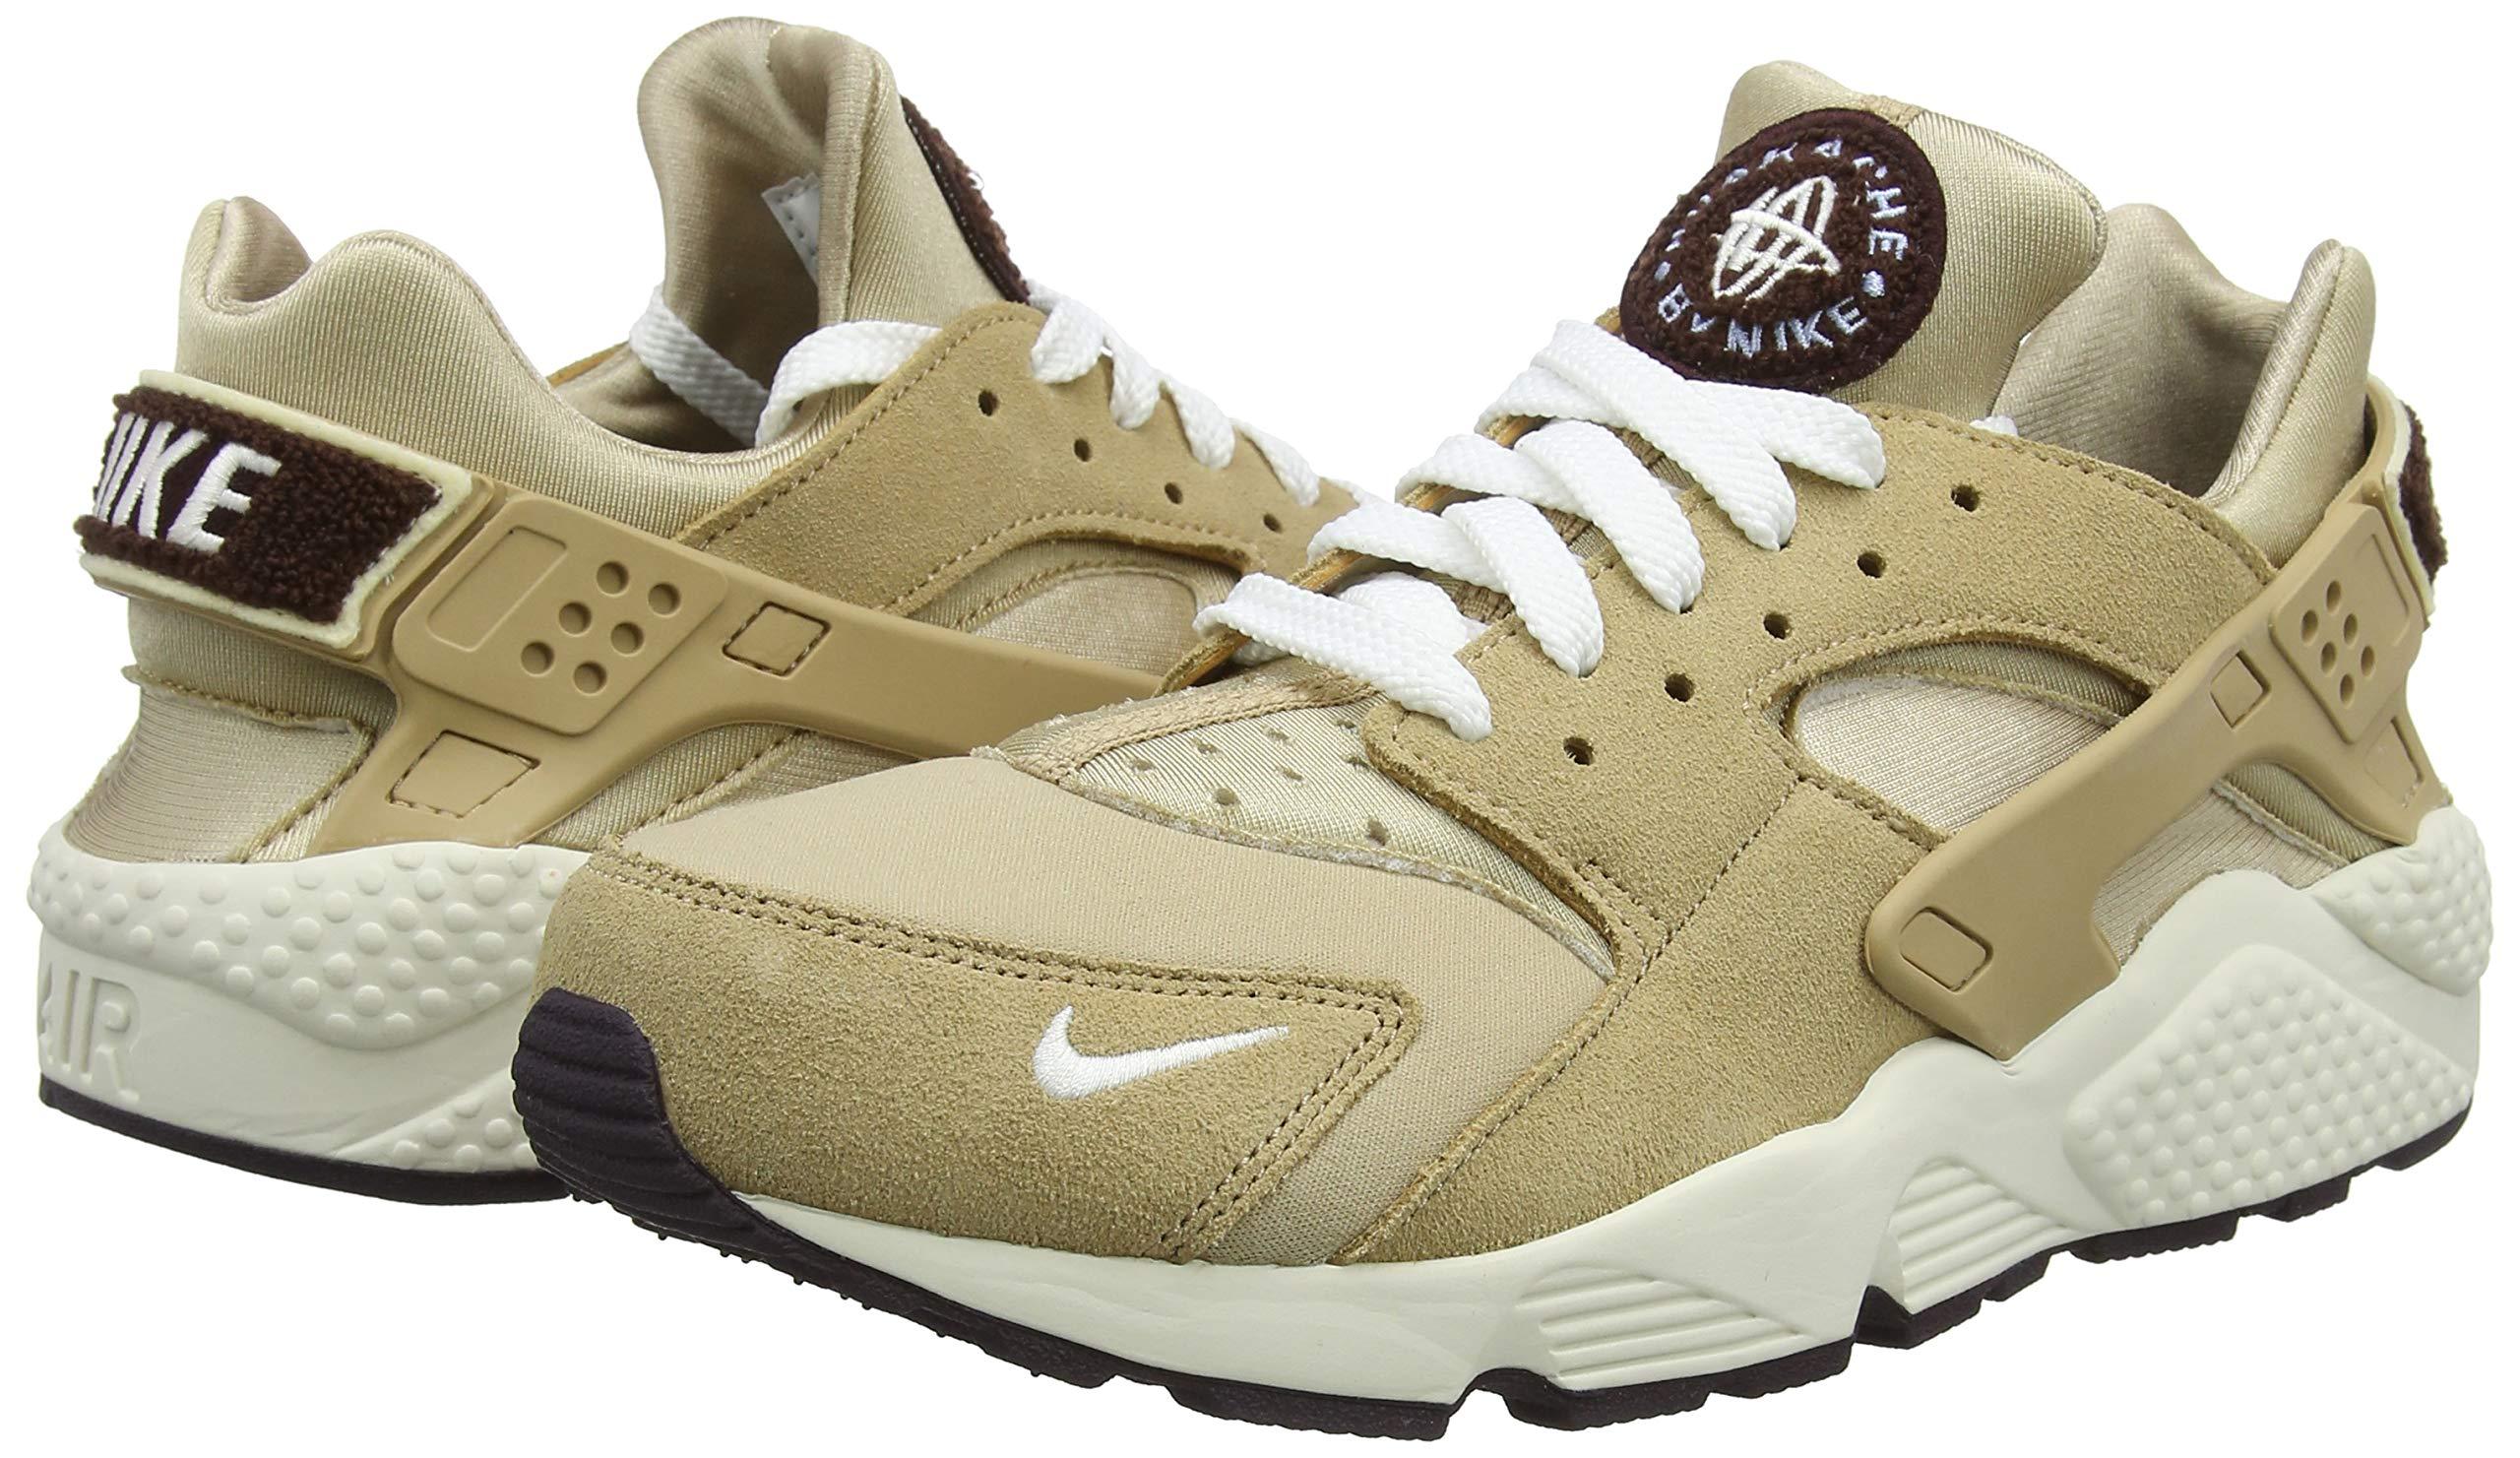 81KEDuc1RvL - Nike Men's Air Huarache Run PRM Fitness Shoes